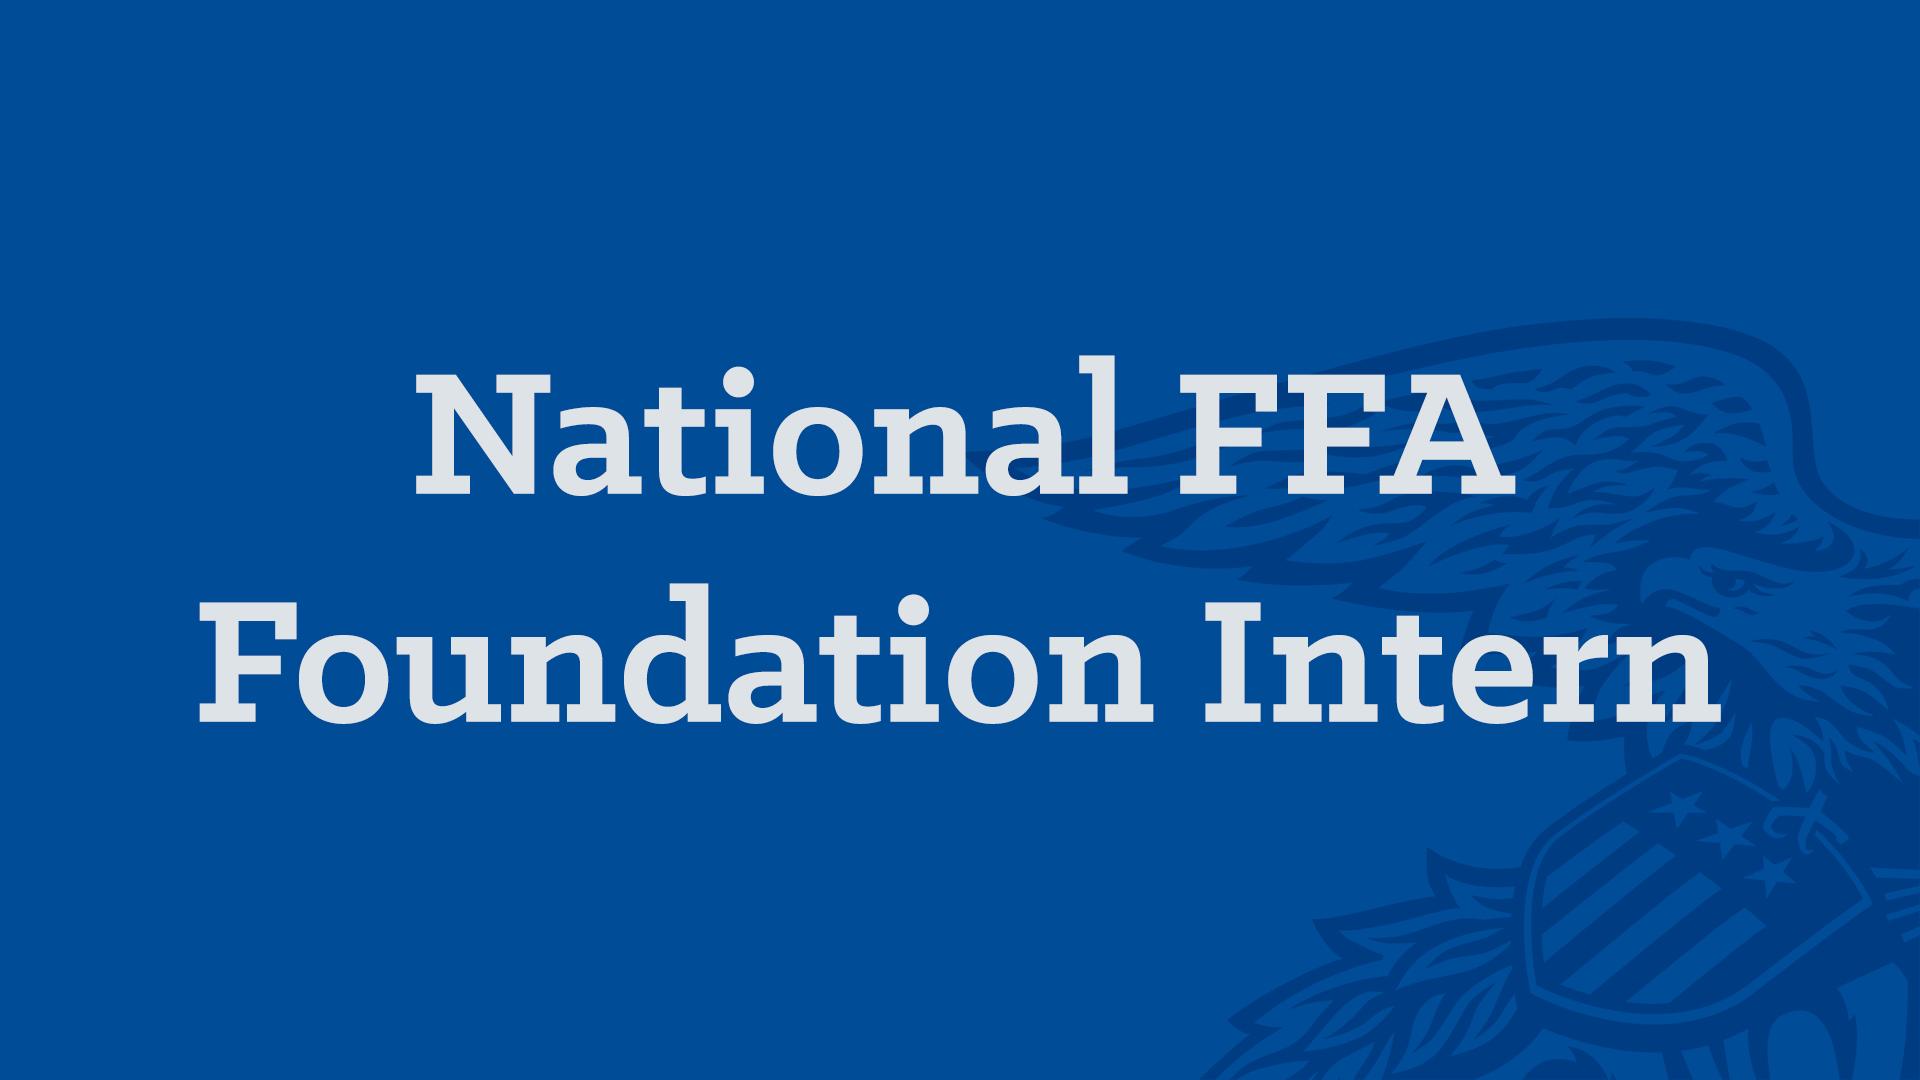 Foundation Intern